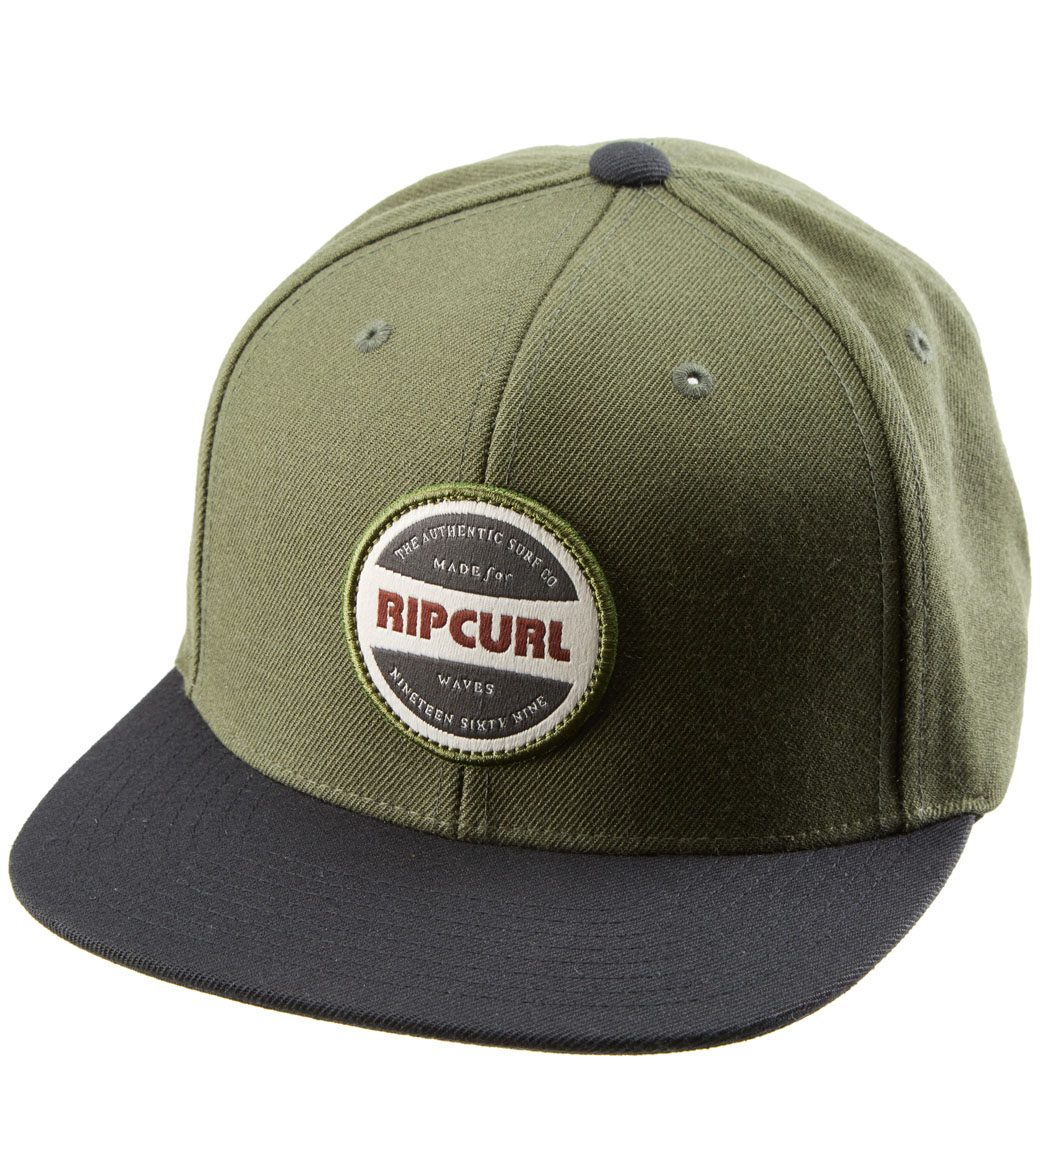 c6163ec32 Rip Curl Staple Snapback Cap